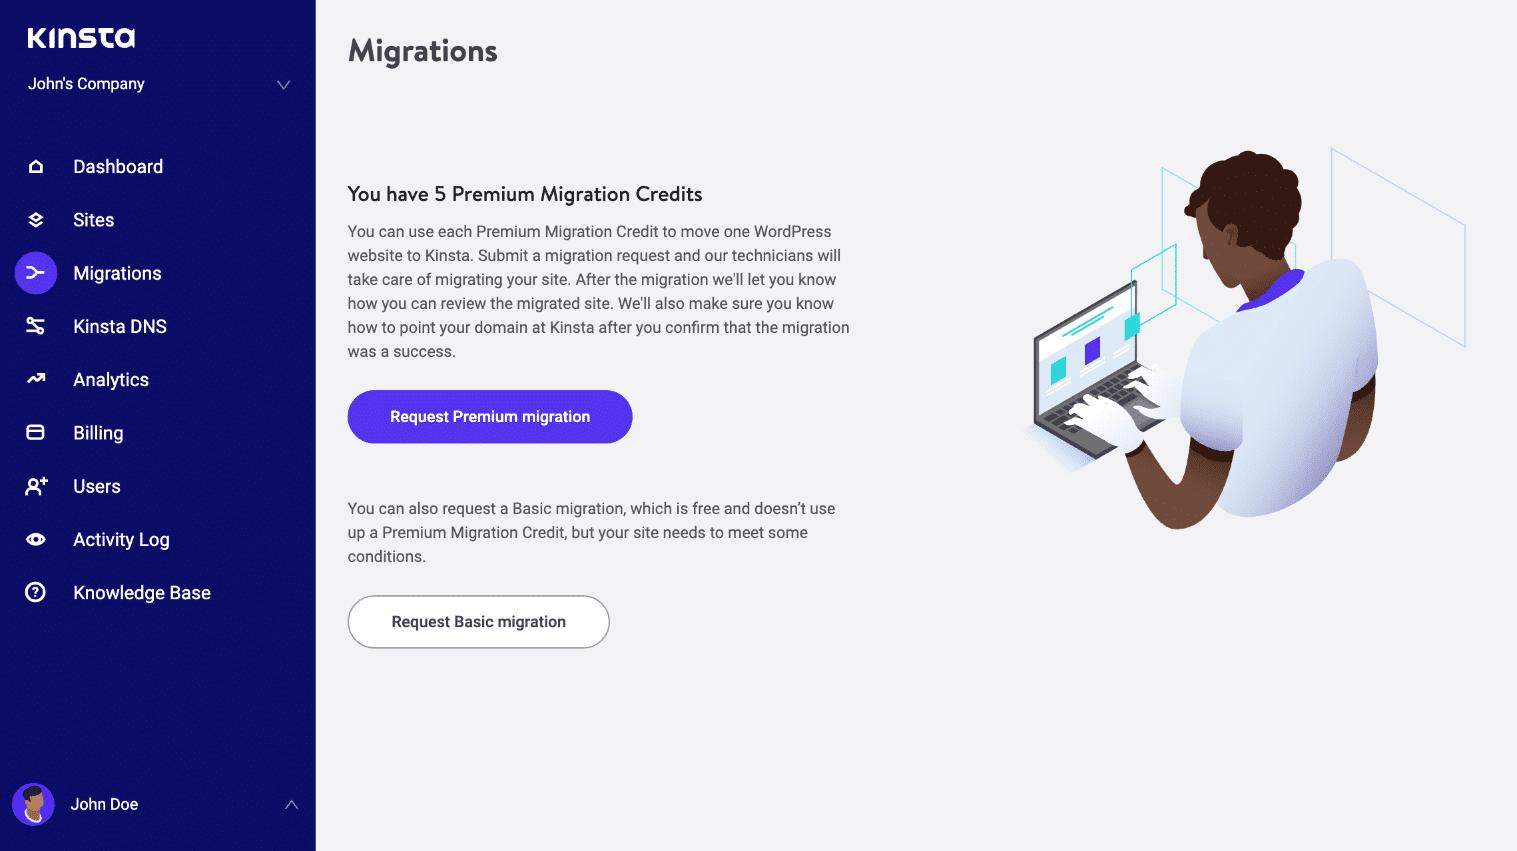 Invia richiesta migrazione WordPress